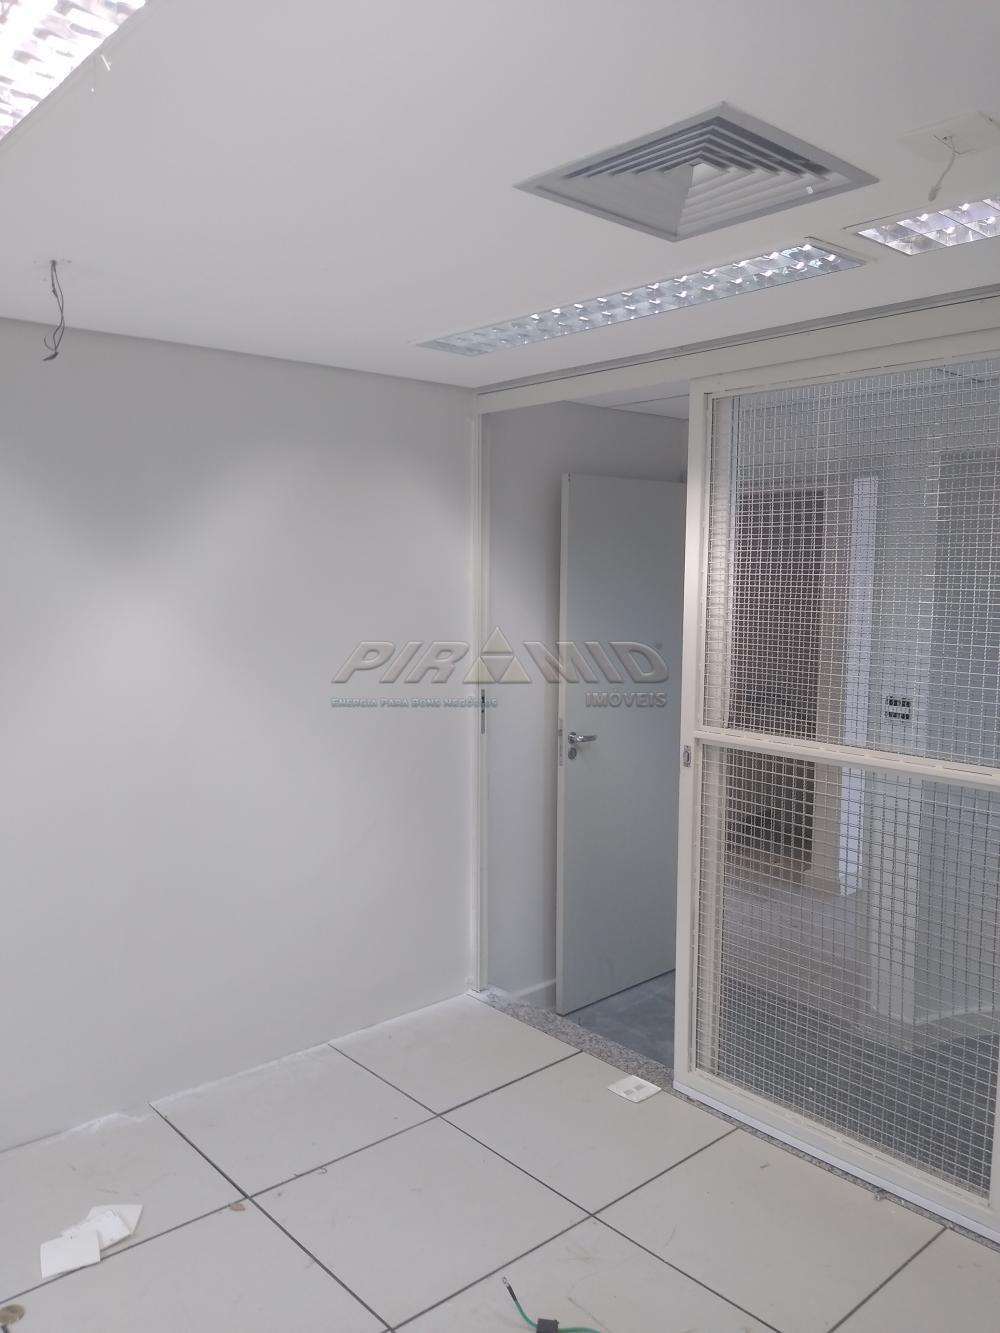 Alugar Comercial / Prédio em Ribeirão Preto apenas R$ 16.000,00 - Foto 121